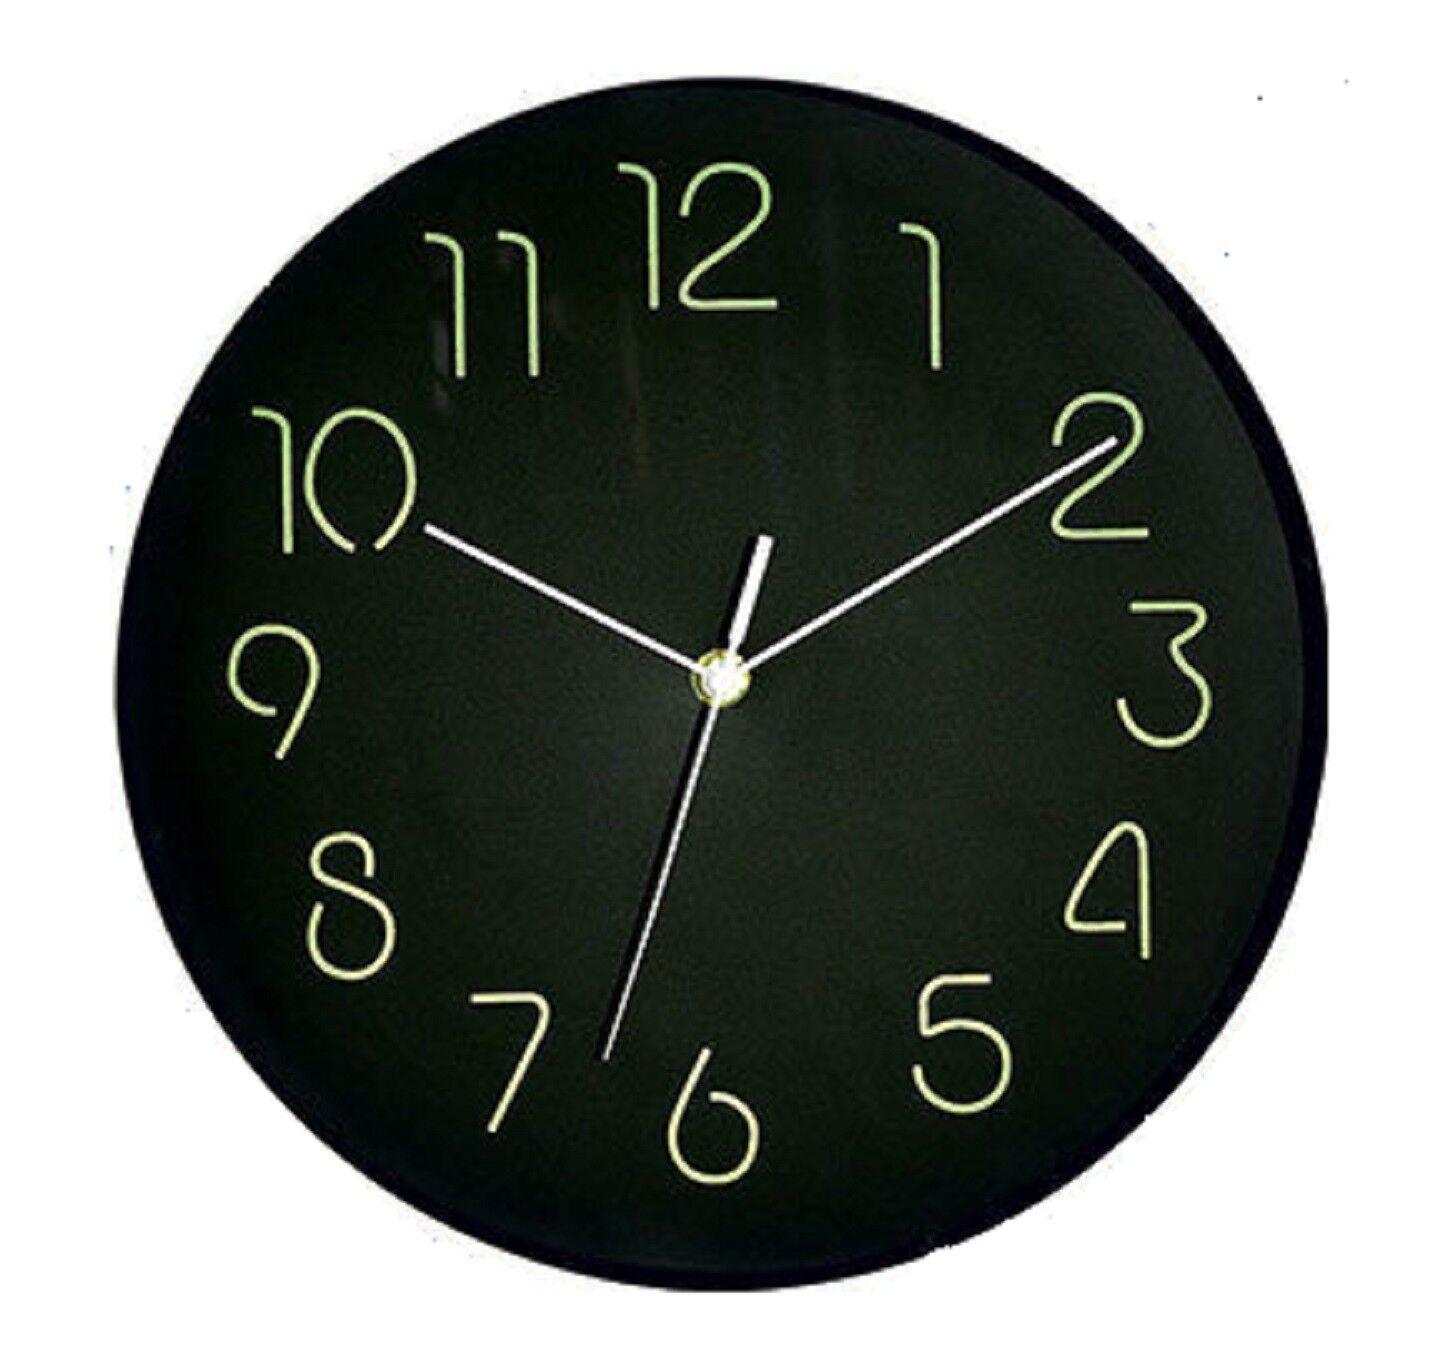 Glow In The Dark Wall Clock Analog – 12″ Diameter Large Numbers Black Backgroud Clocks